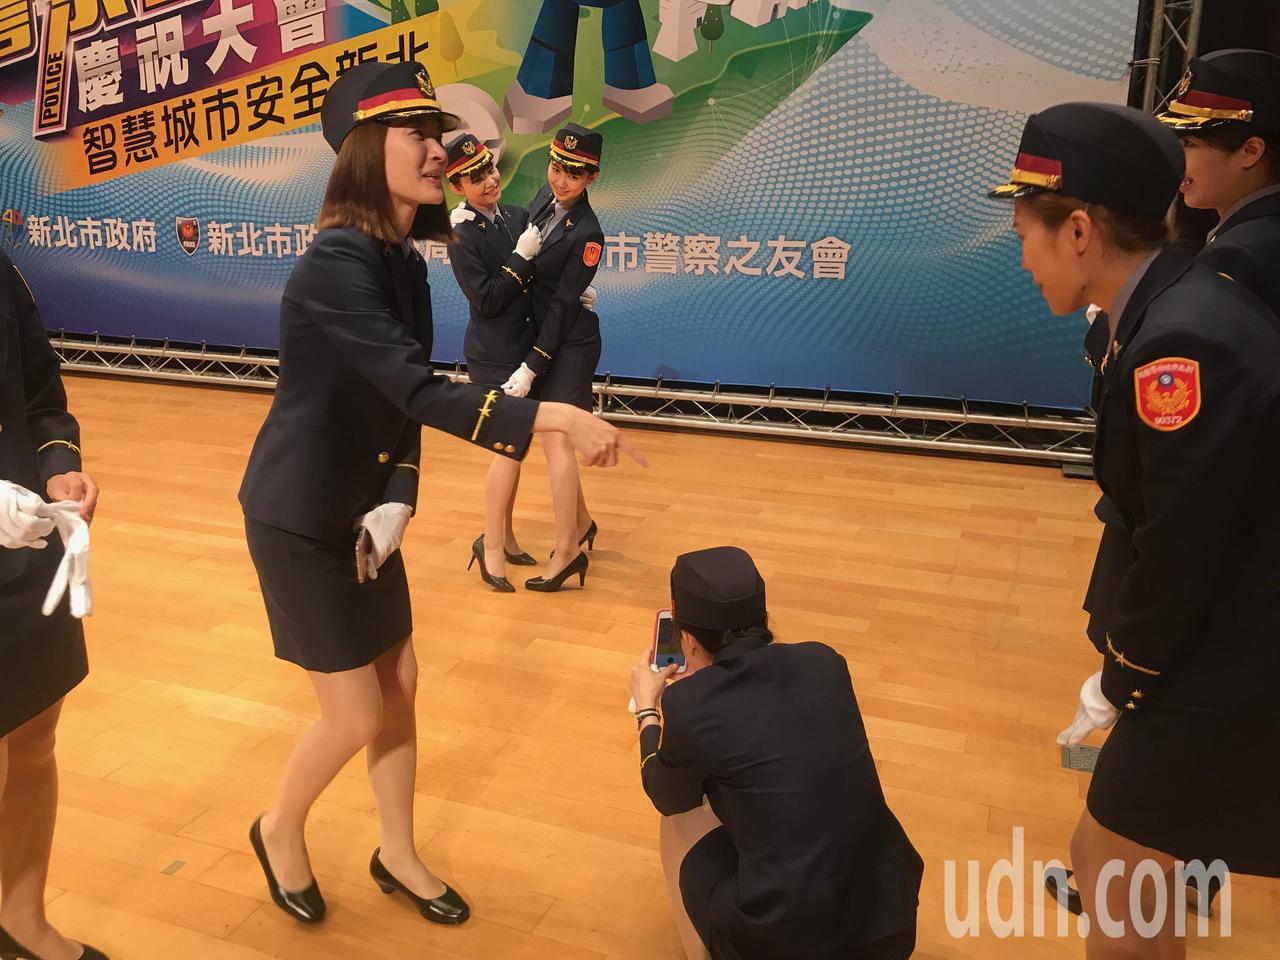 警花展現活潑的一面。記者袁志豪/攝影